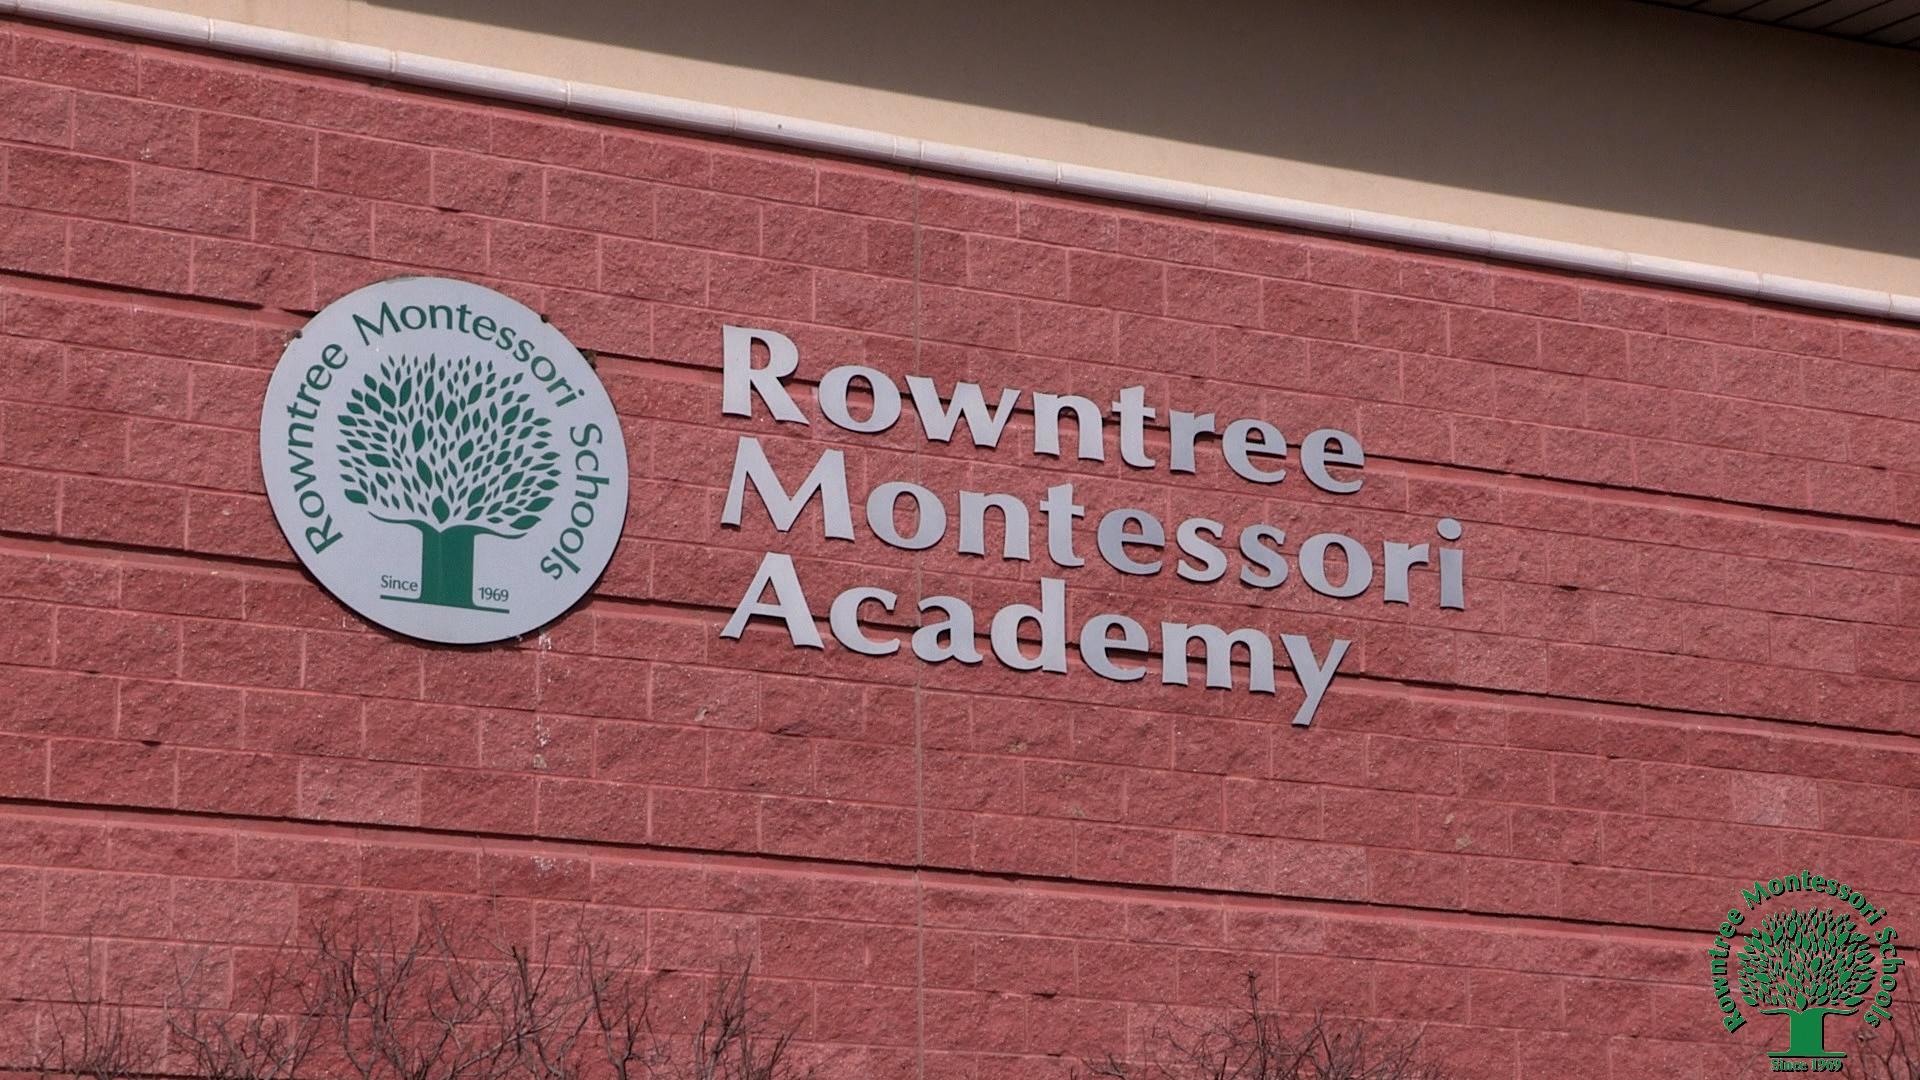 Rowntree Montessori Schools - Childcare Services - 905-790-3838